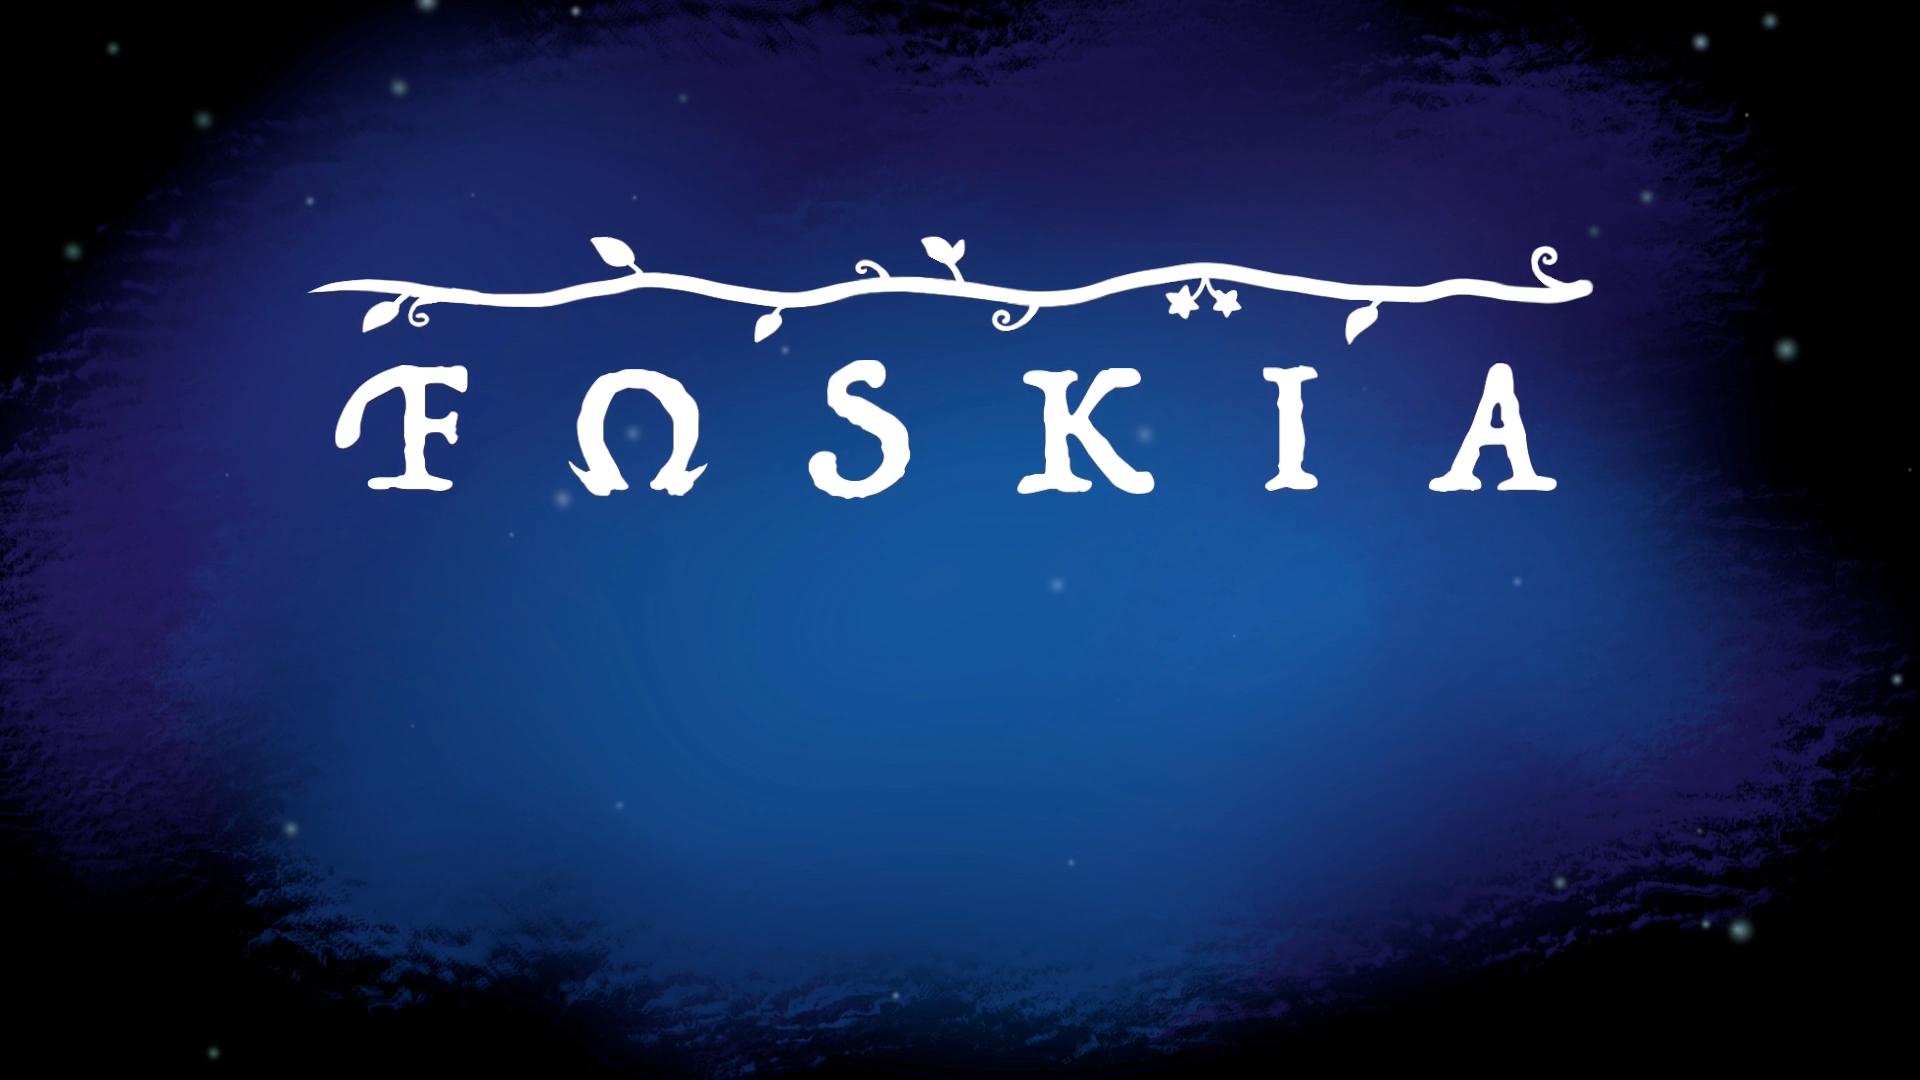 Foskia